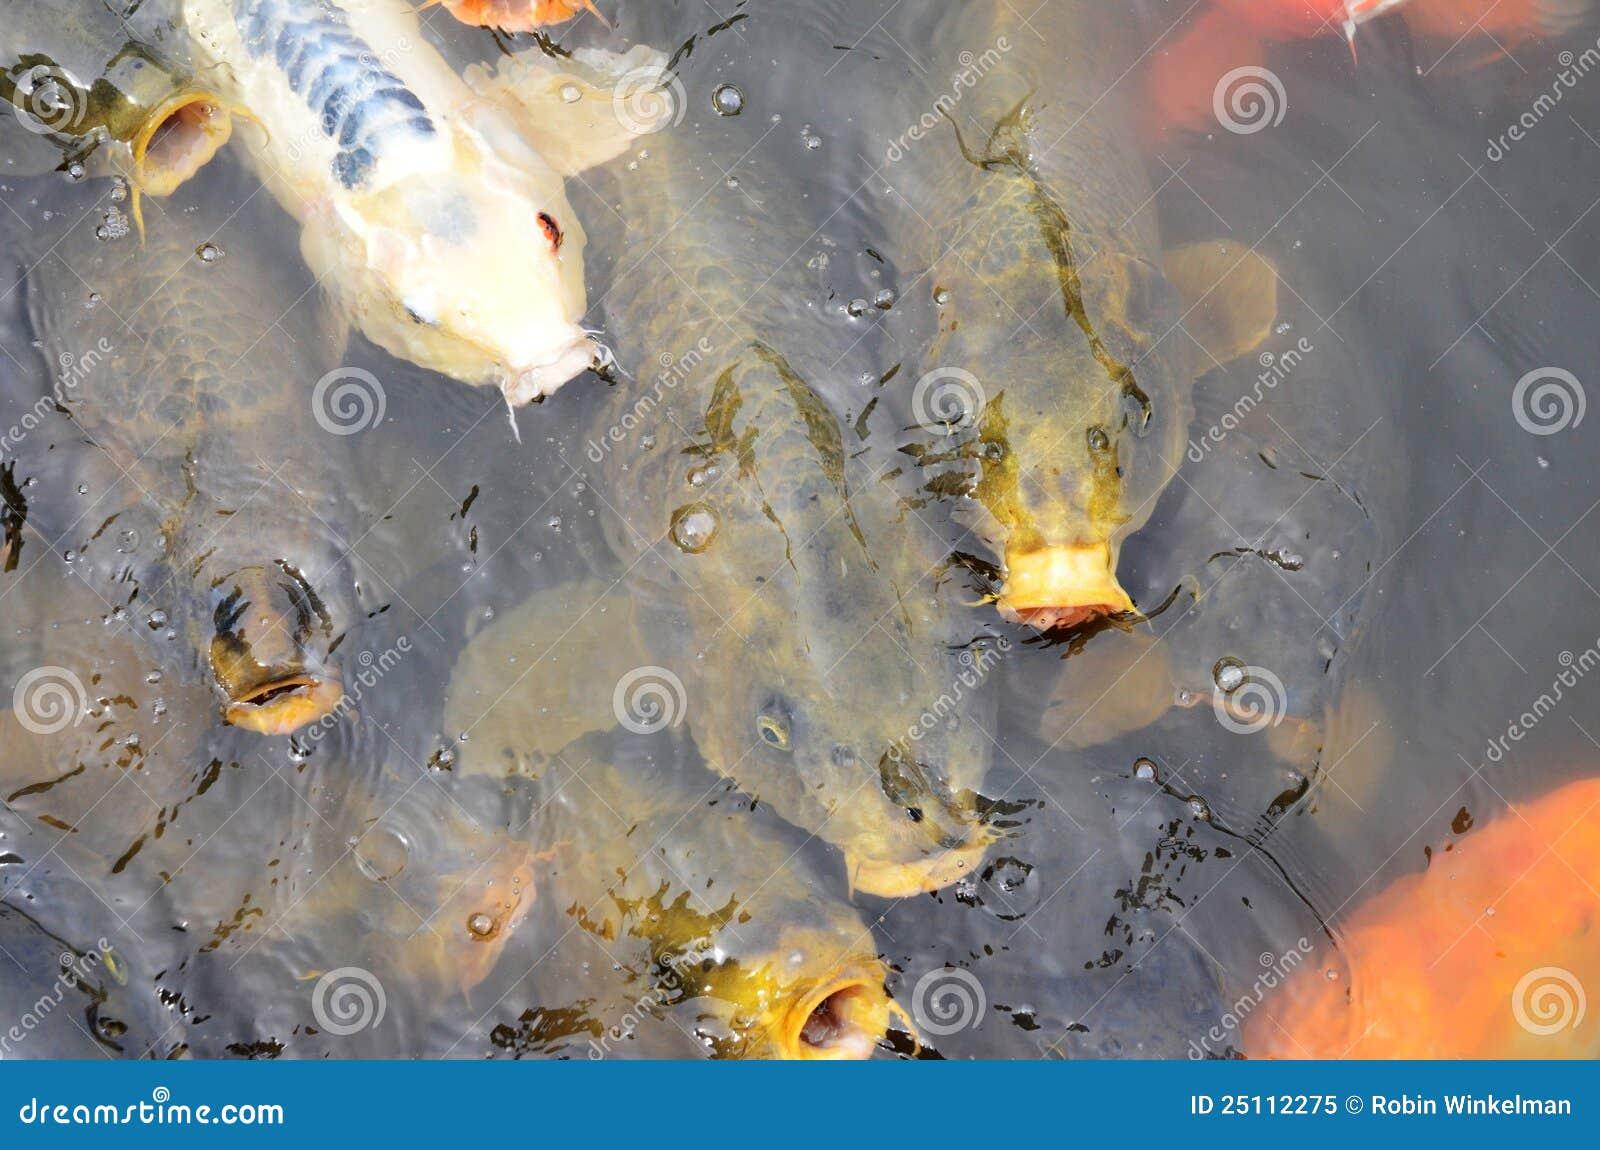 Feeding koi royalty free stock photo image 25112275 for Feeding koi fish